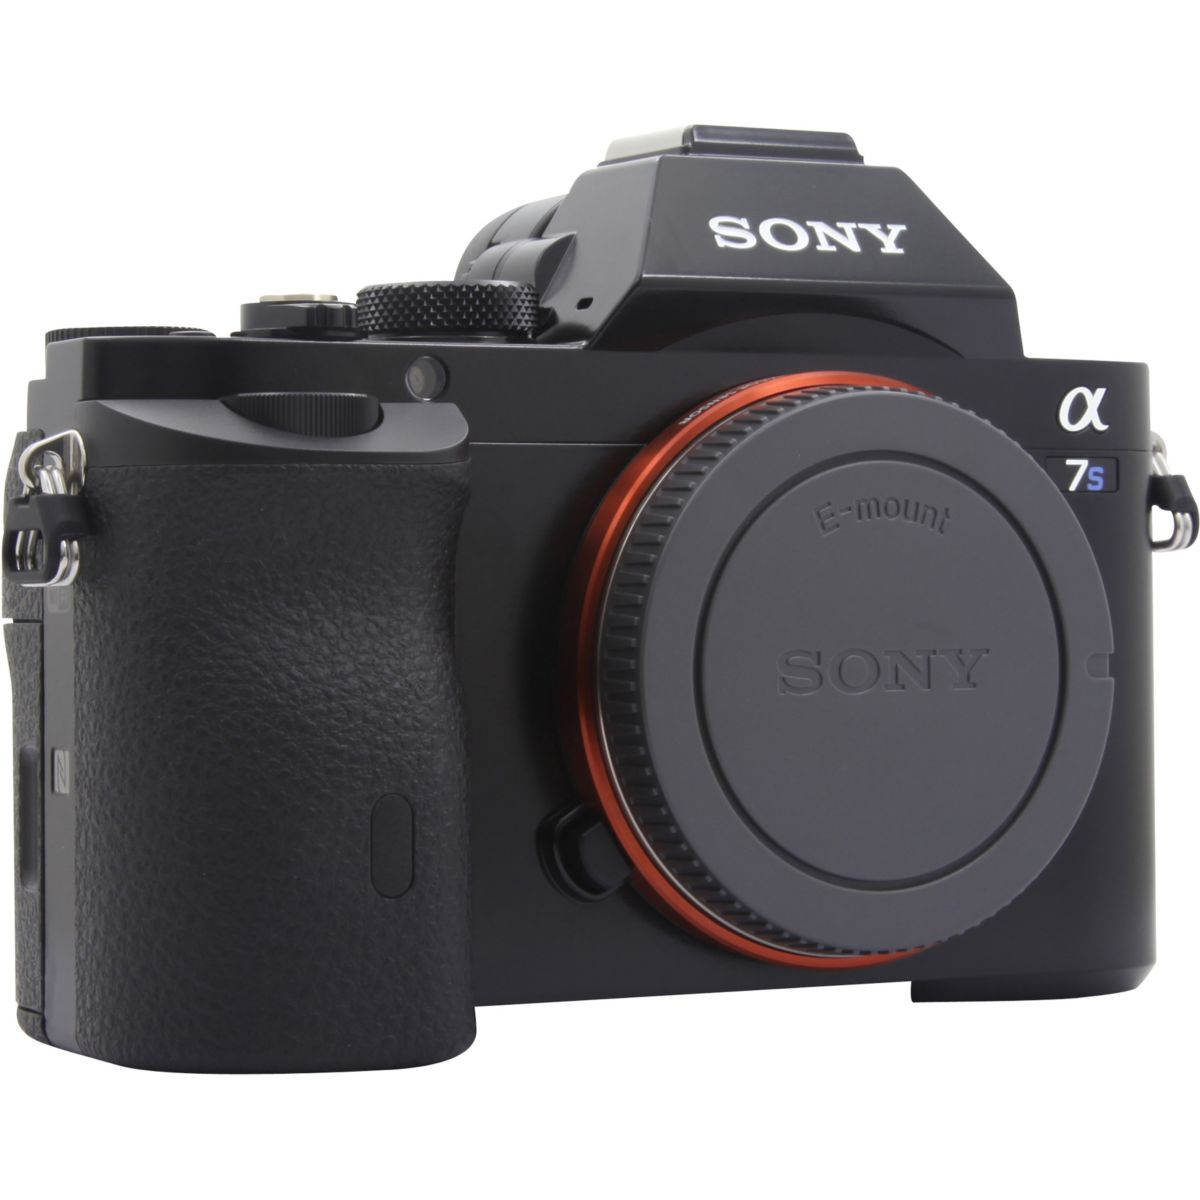 Appareil photo reflex SONY A7S nu